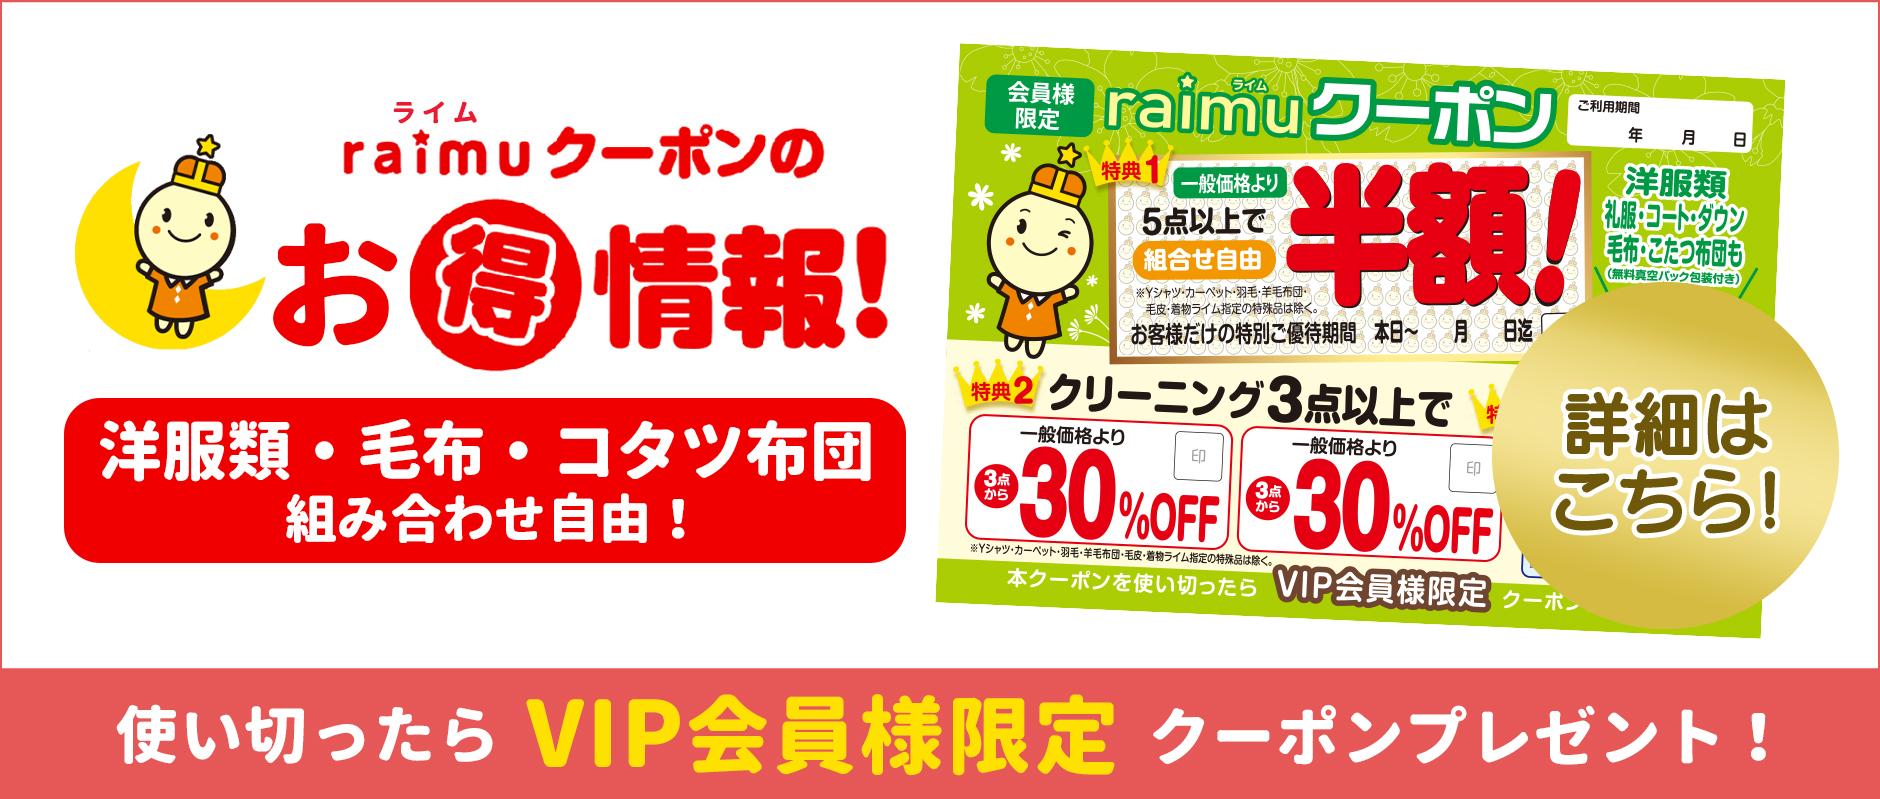 ライムクリーニングスペシャル10,000円クーポン